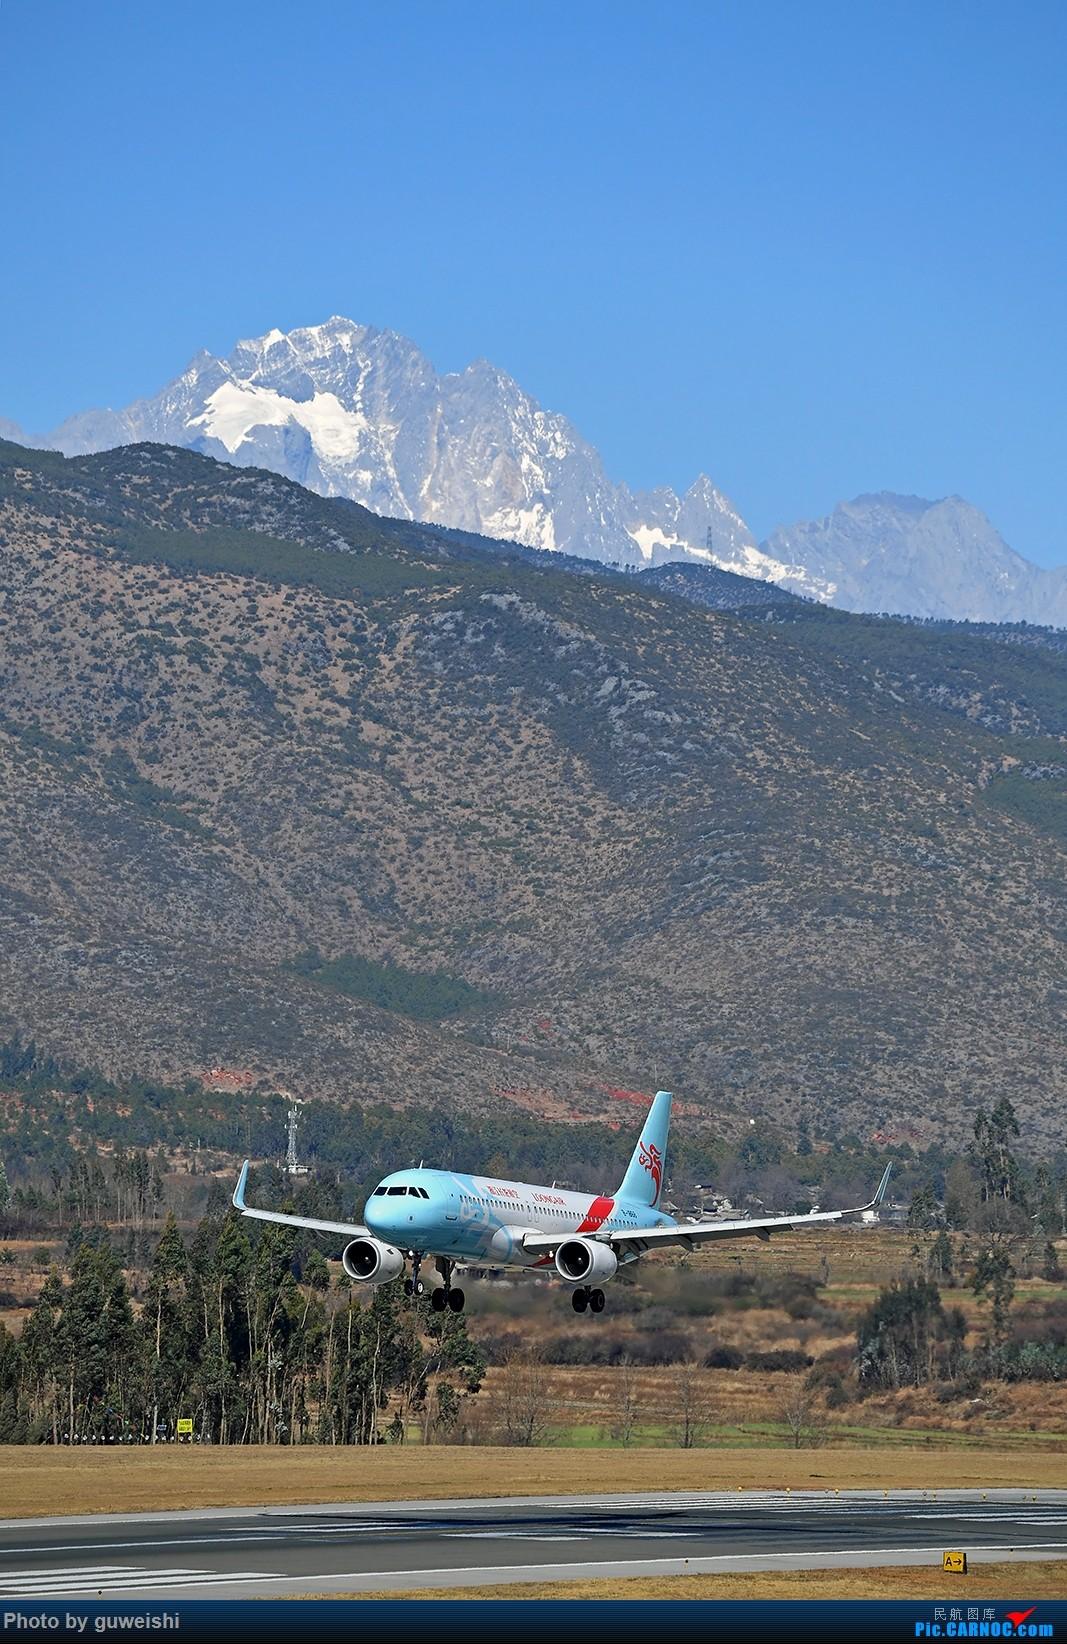 [原创]【七彩天空】——雪山下的飞机,丽江三义半日拍 AIRBUS A320-200 B-1868 中国丽江三义机场